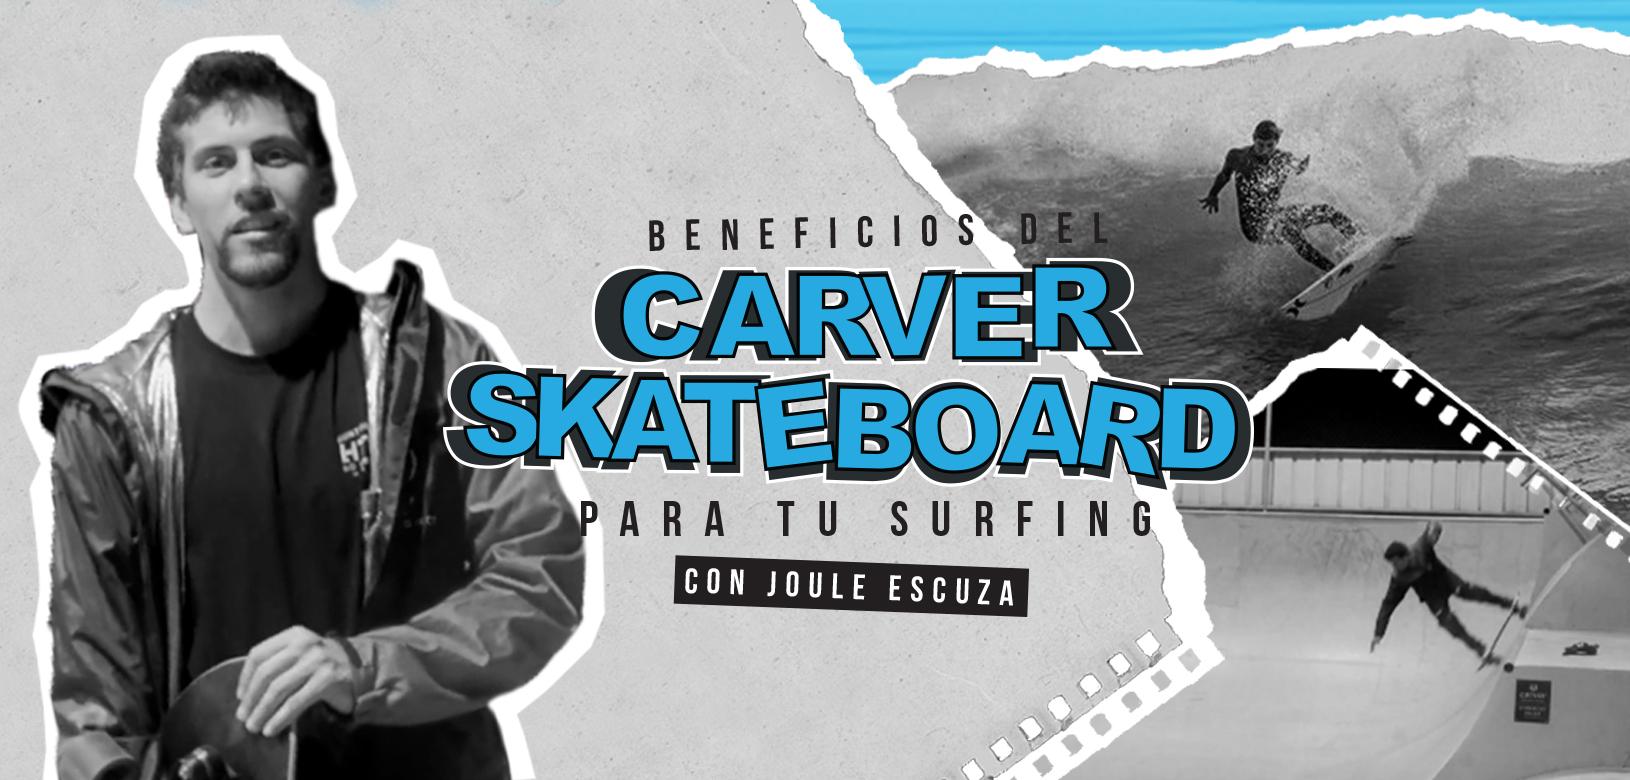 Beneficios del Carver Skateboard para tu surfing